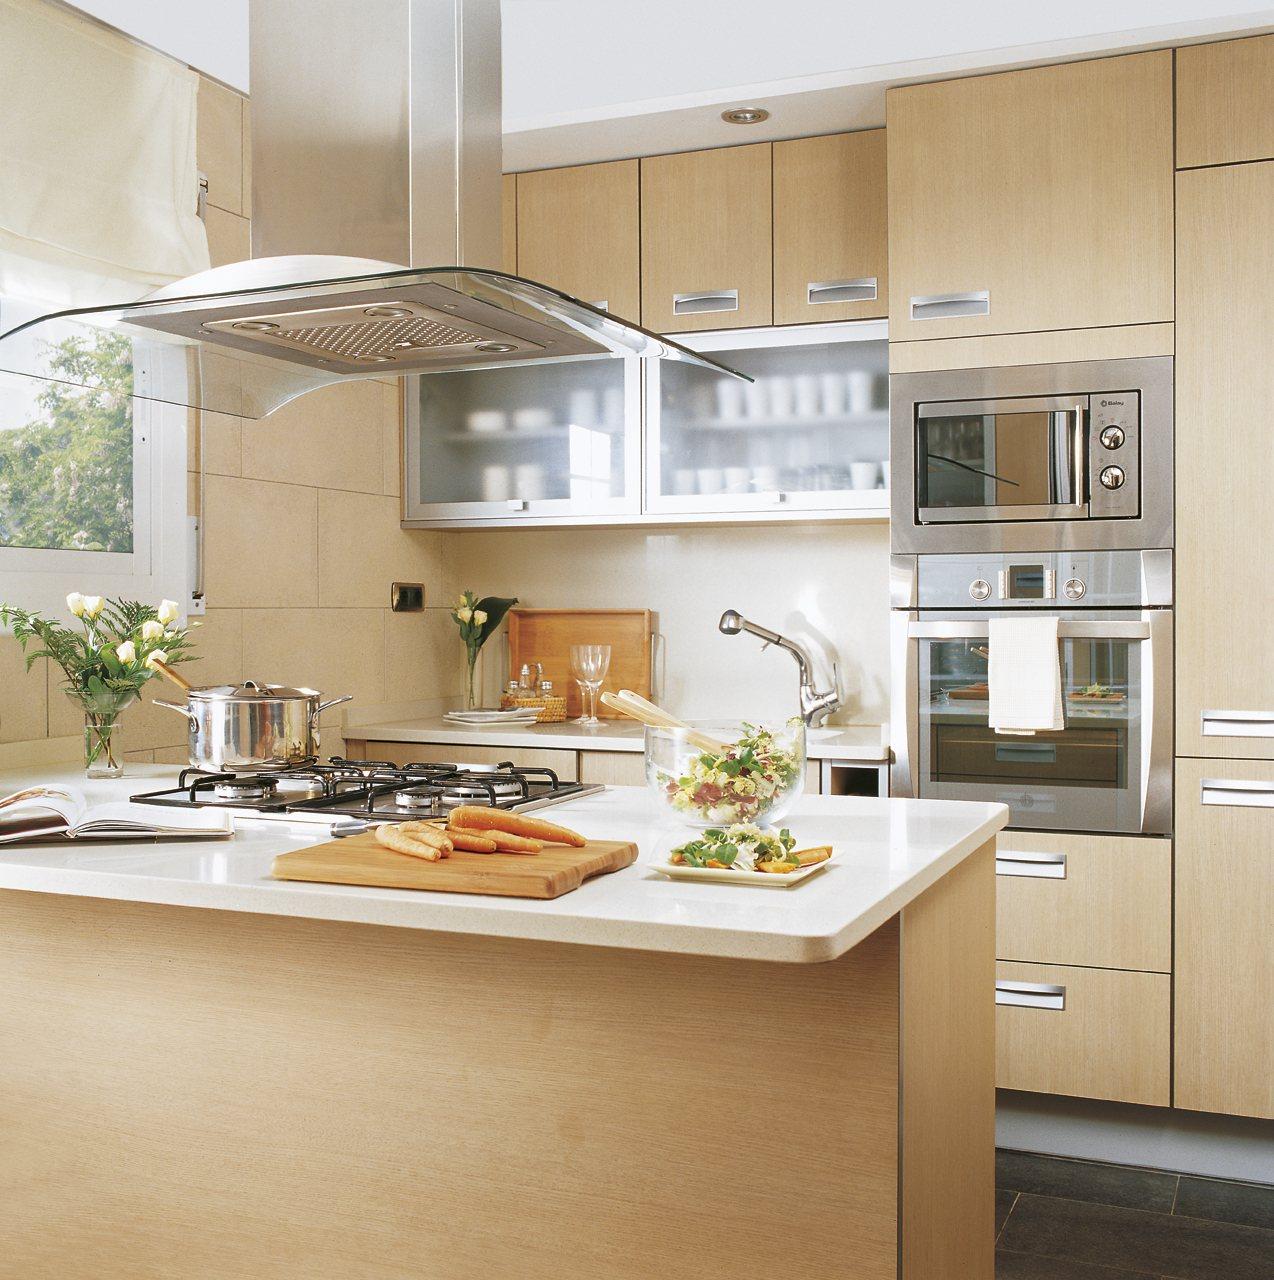 Cocinas peque as soluciones y consejos - Modelos de cocinas pequenas y sencillas ...